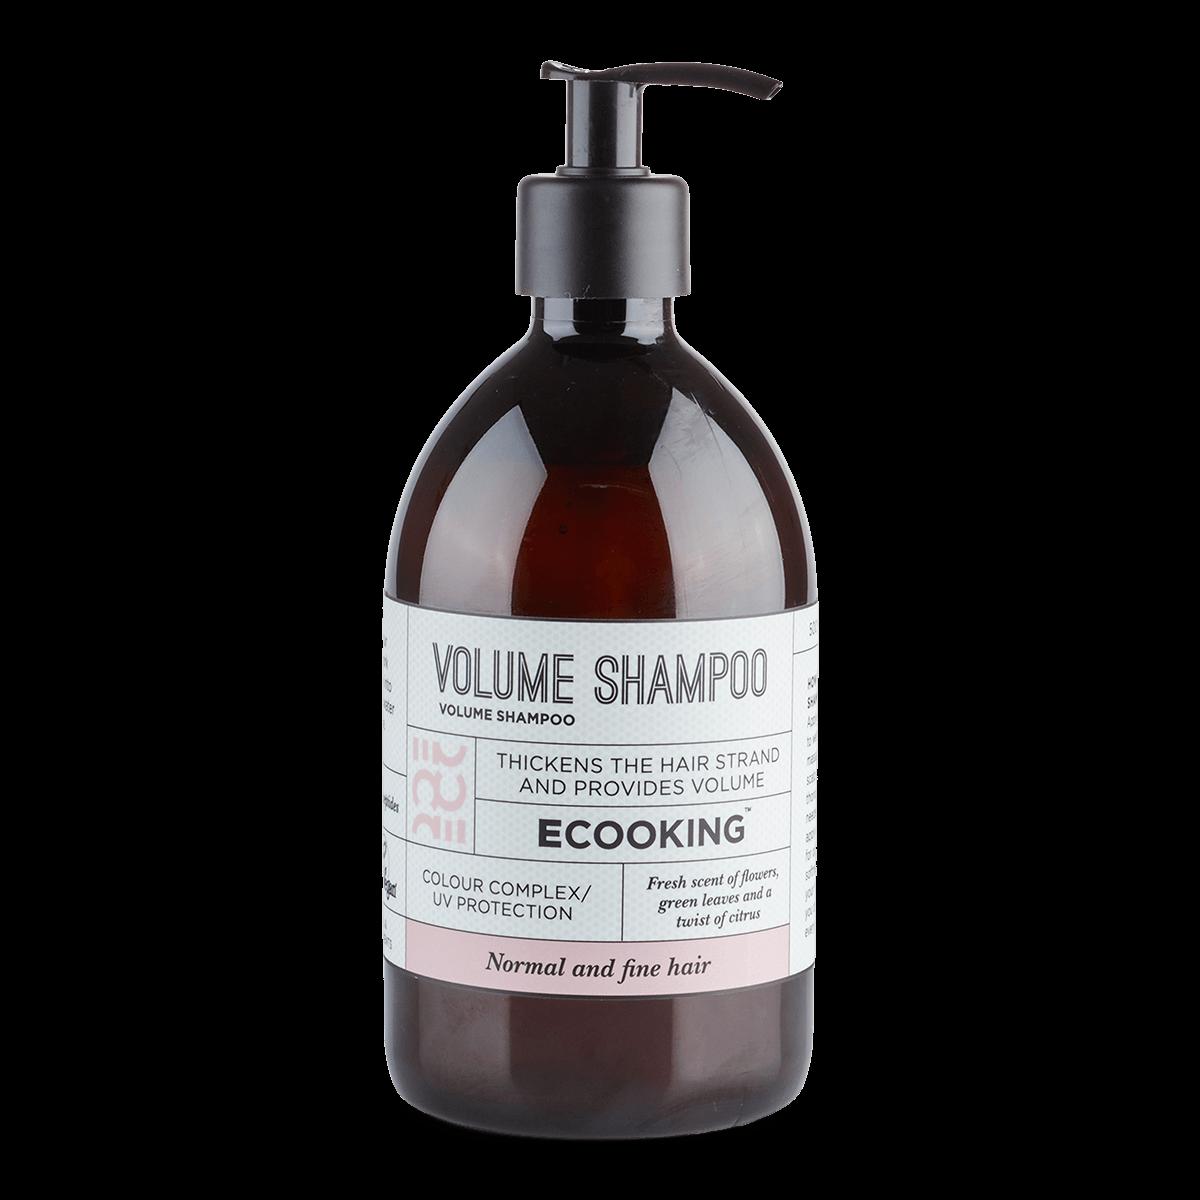 Volume Shampoo 500 ml